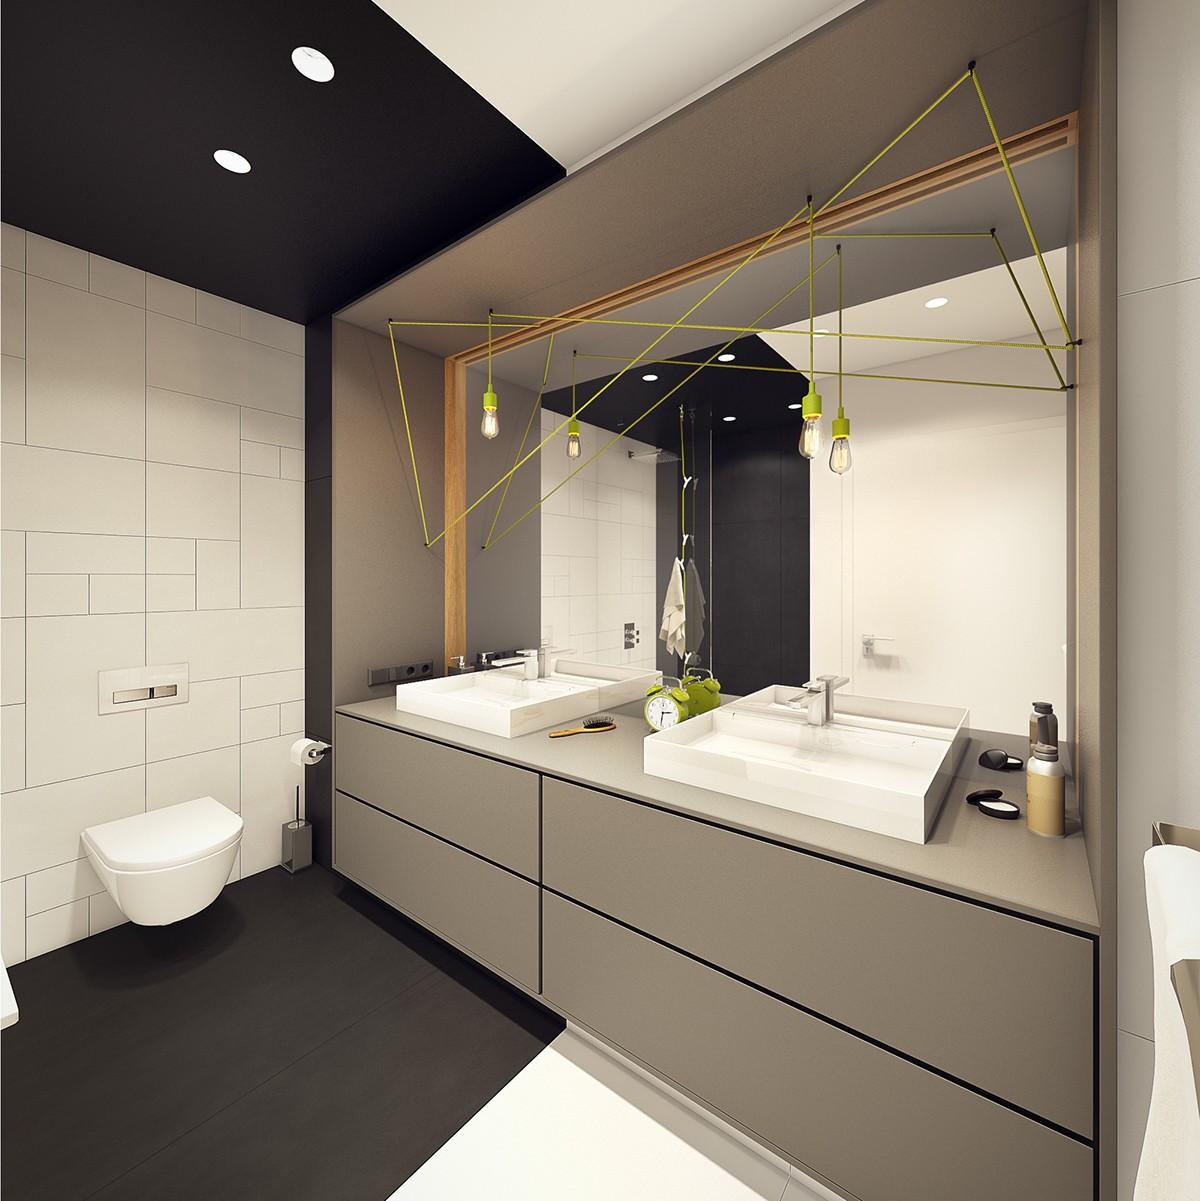 Creative light arrangement